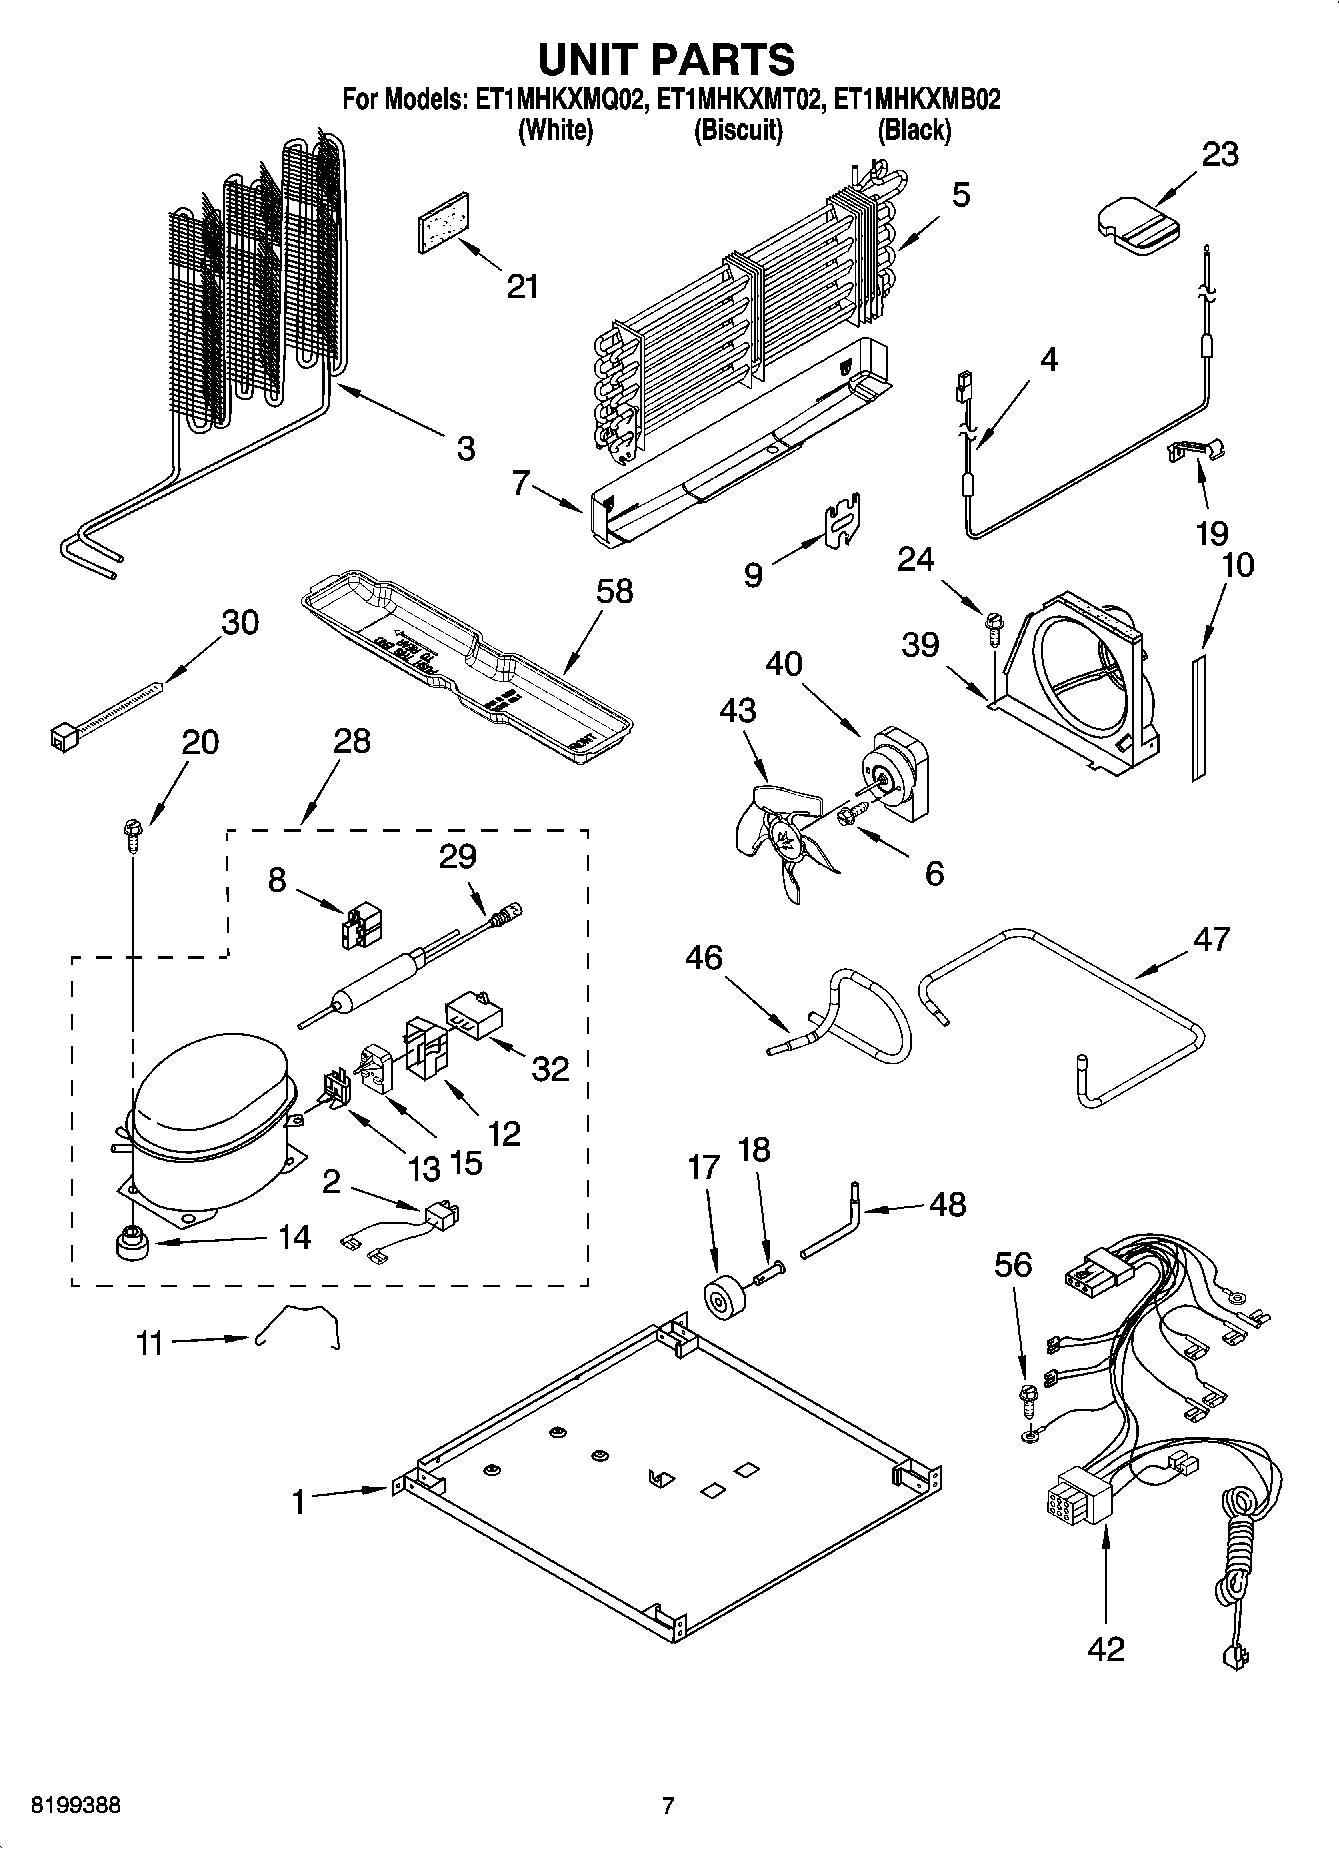 ET1MHKXMT02